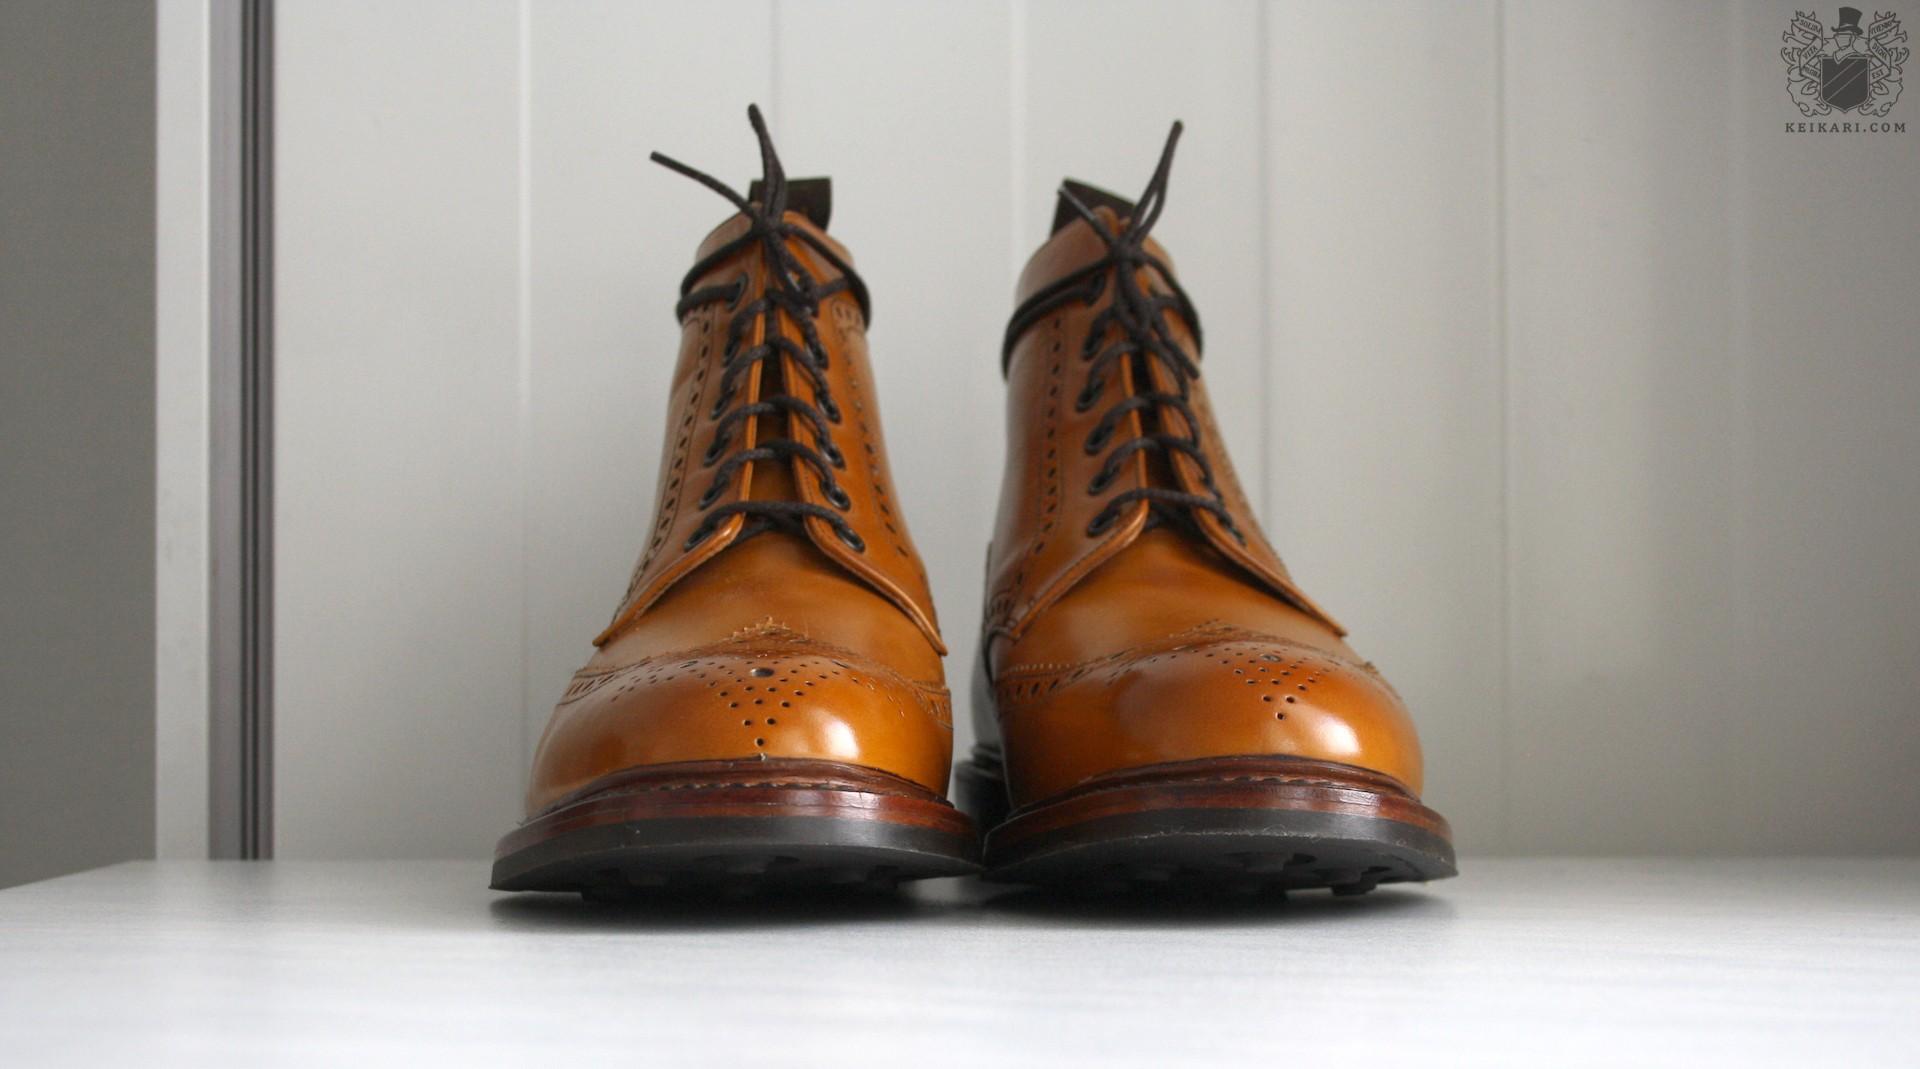 Loake_Wolf_shearling_boots_at_Keikari_dot_com03.jpg